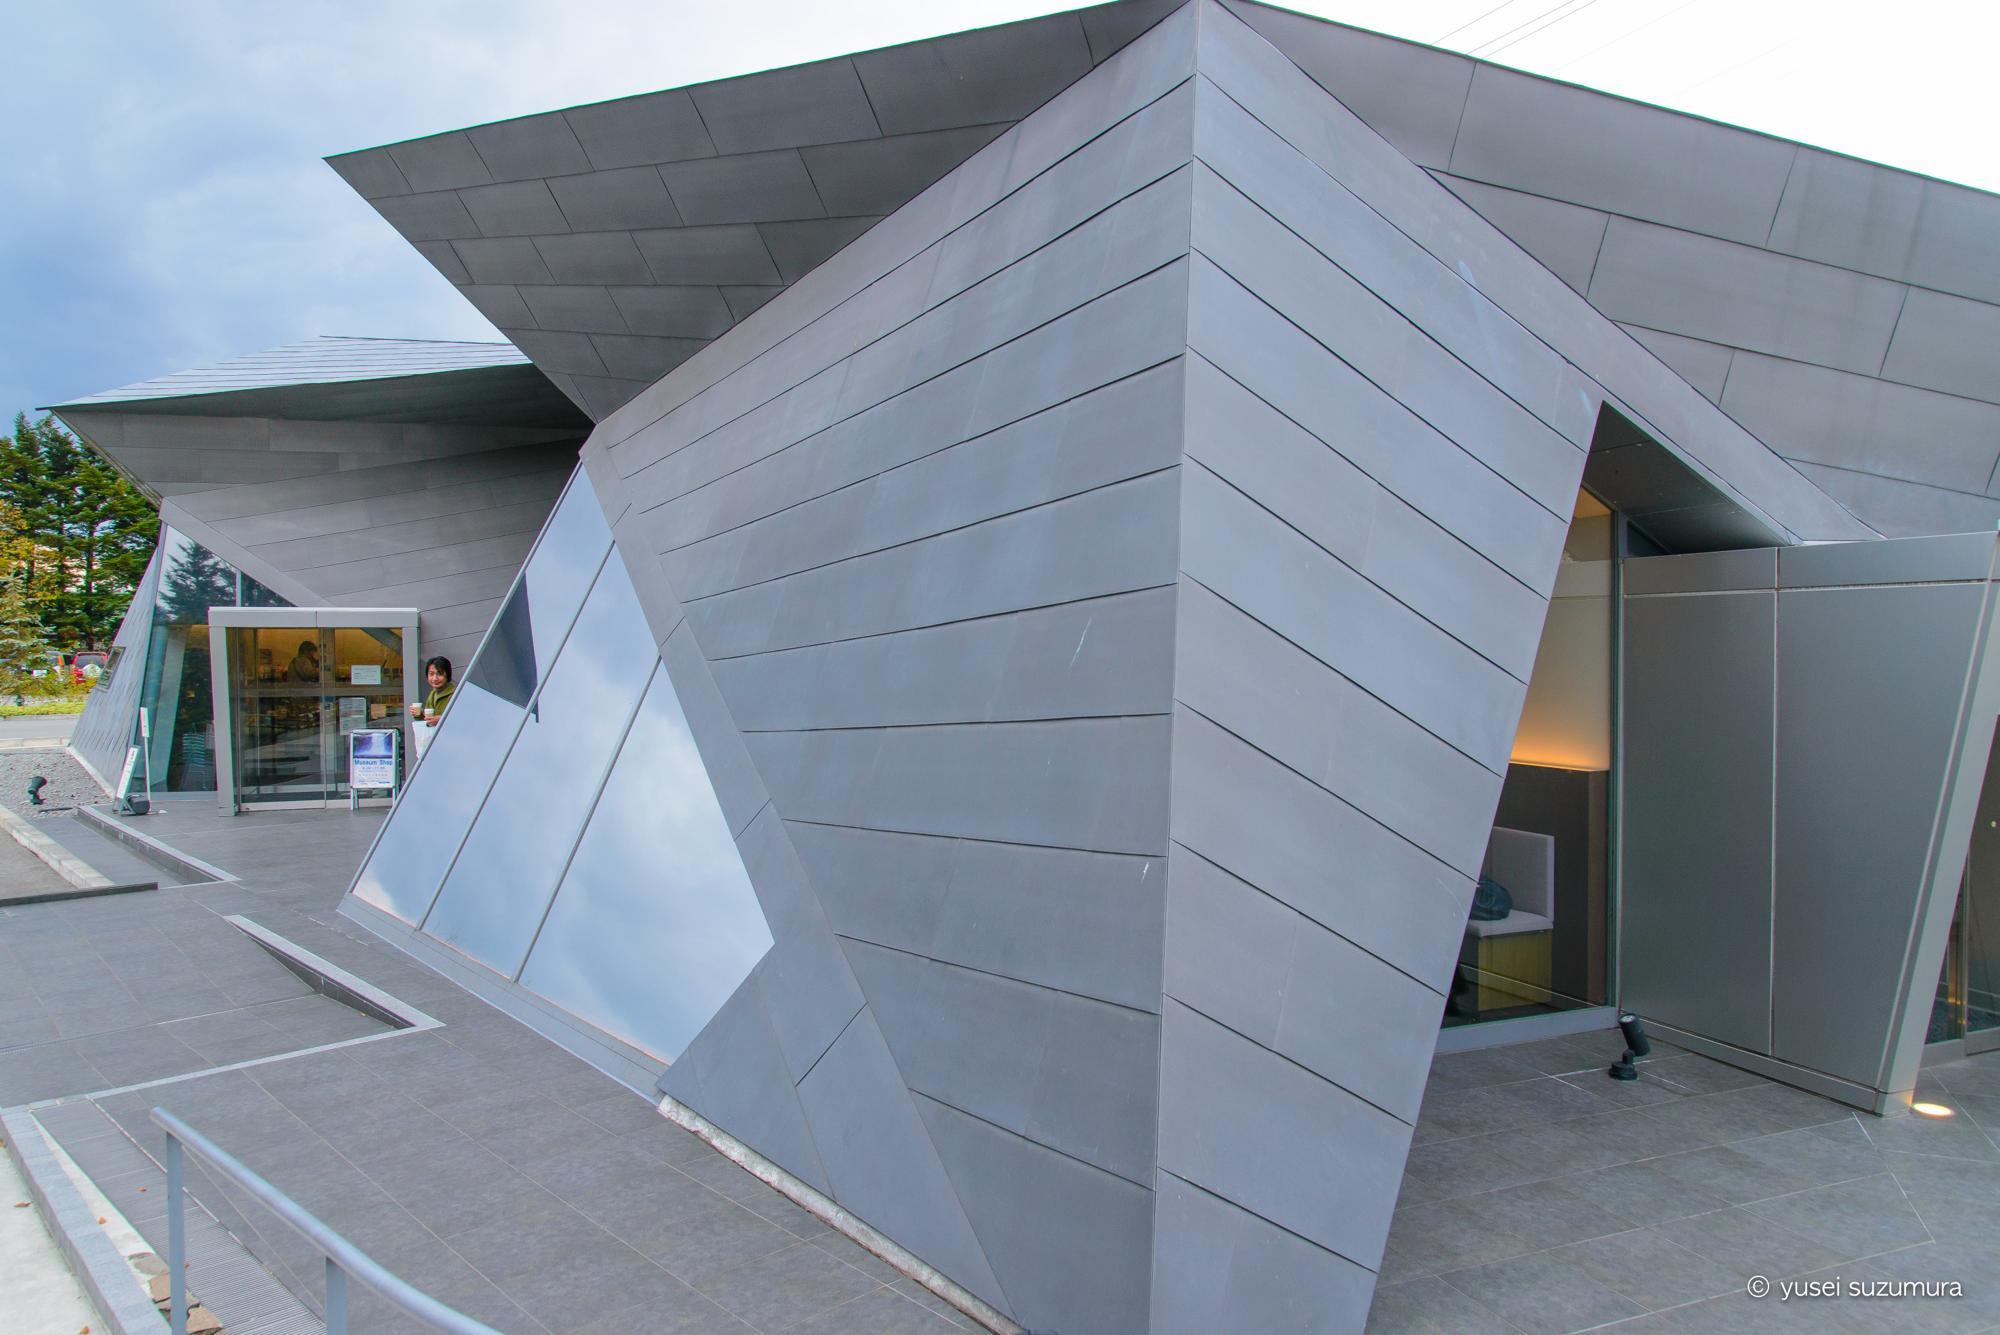 軽井沢千住博美術館のカフェ・ショップ棟の建築